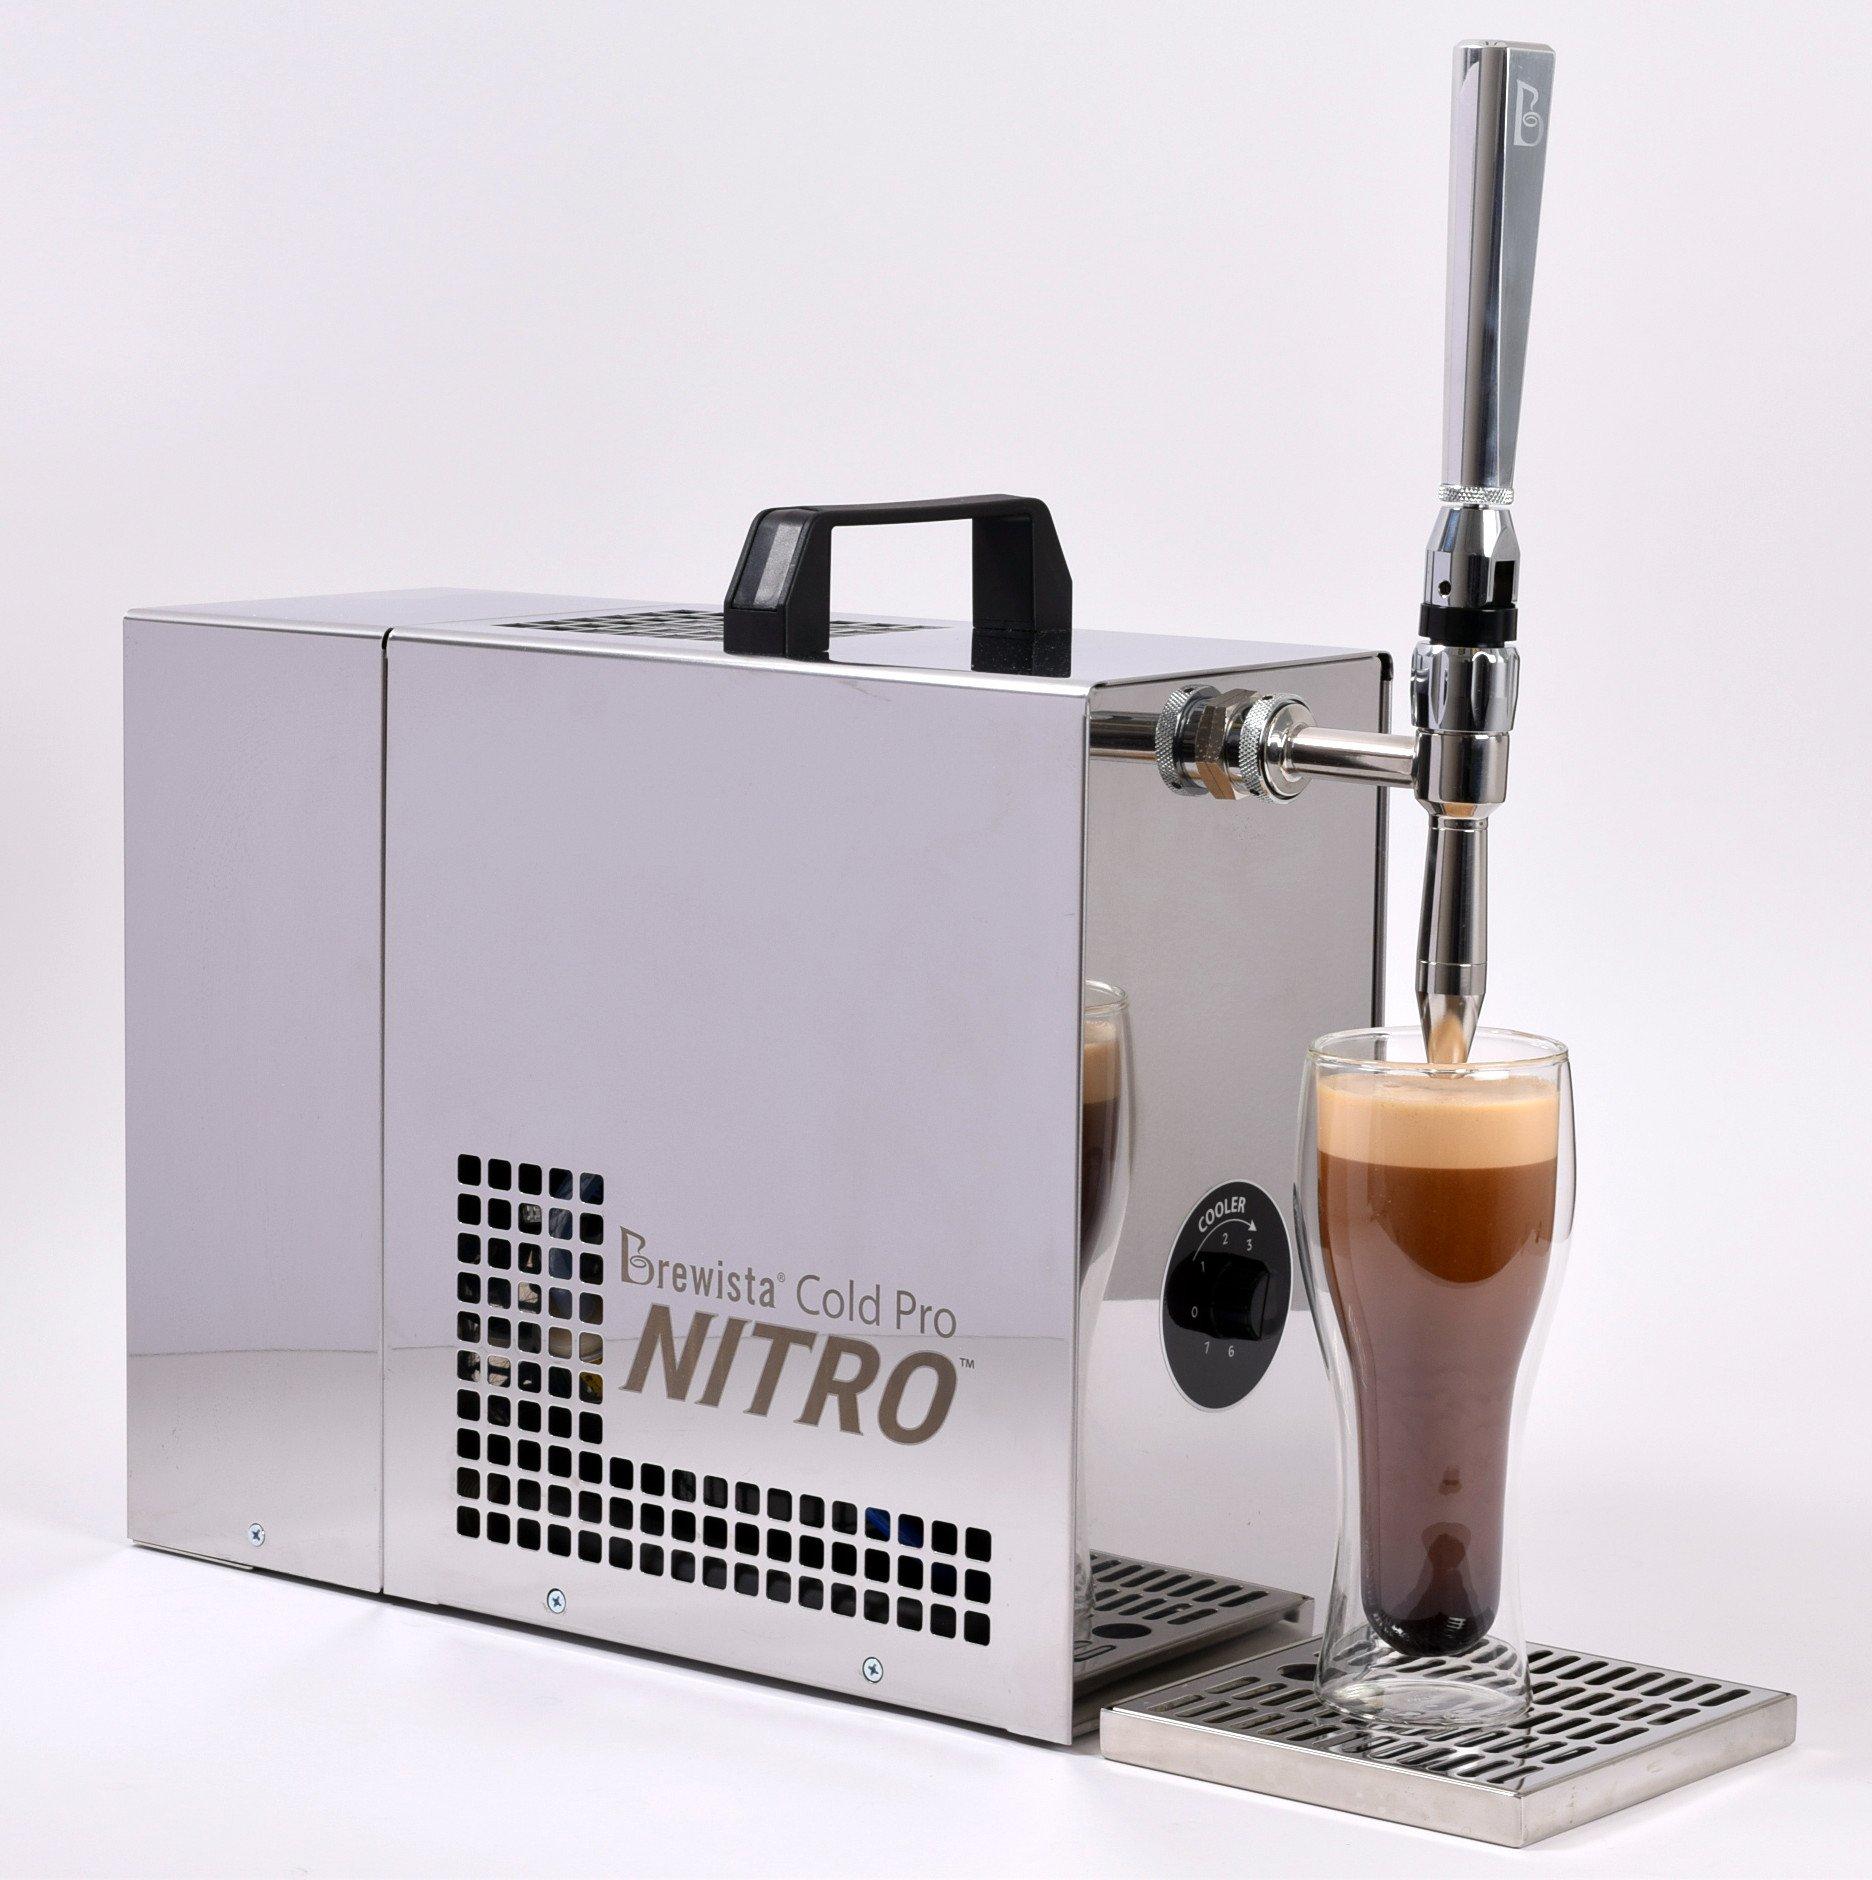 Nitro Cold Brew System